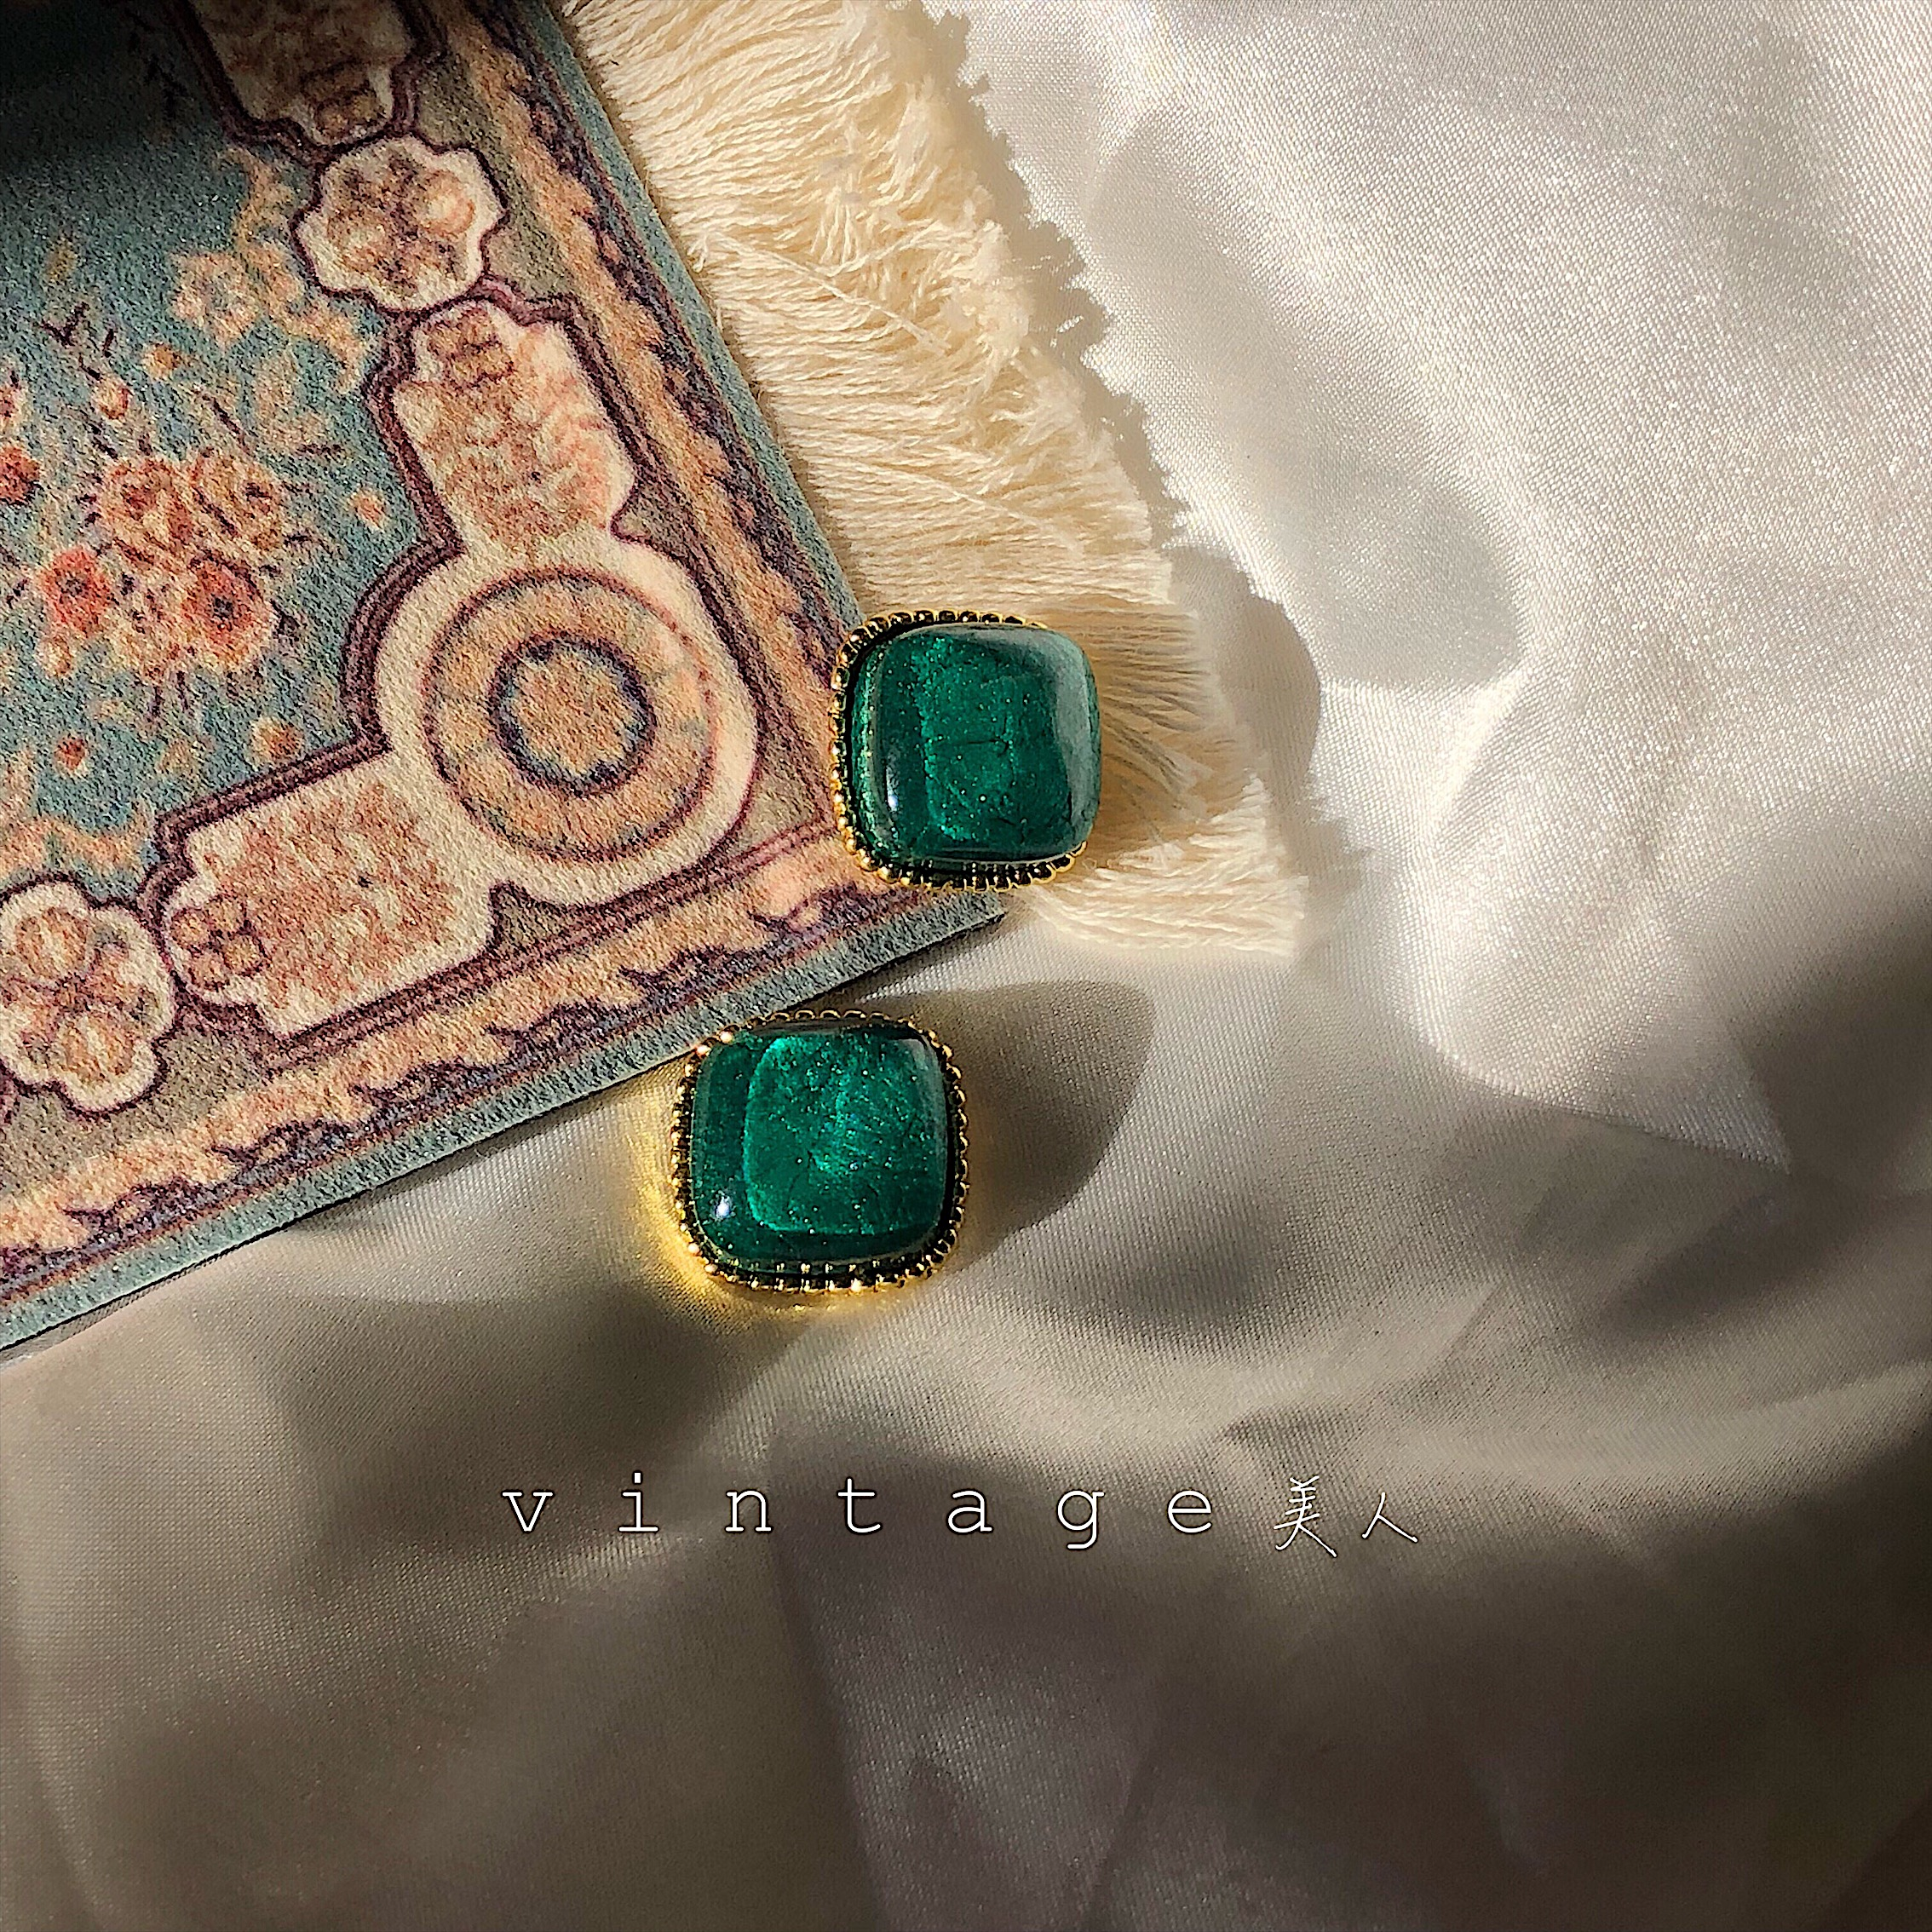 重庆森林。90年代港风复古方形裂纹金边祖母绿宝石耳钉耳夹 纯银 Изображение 1